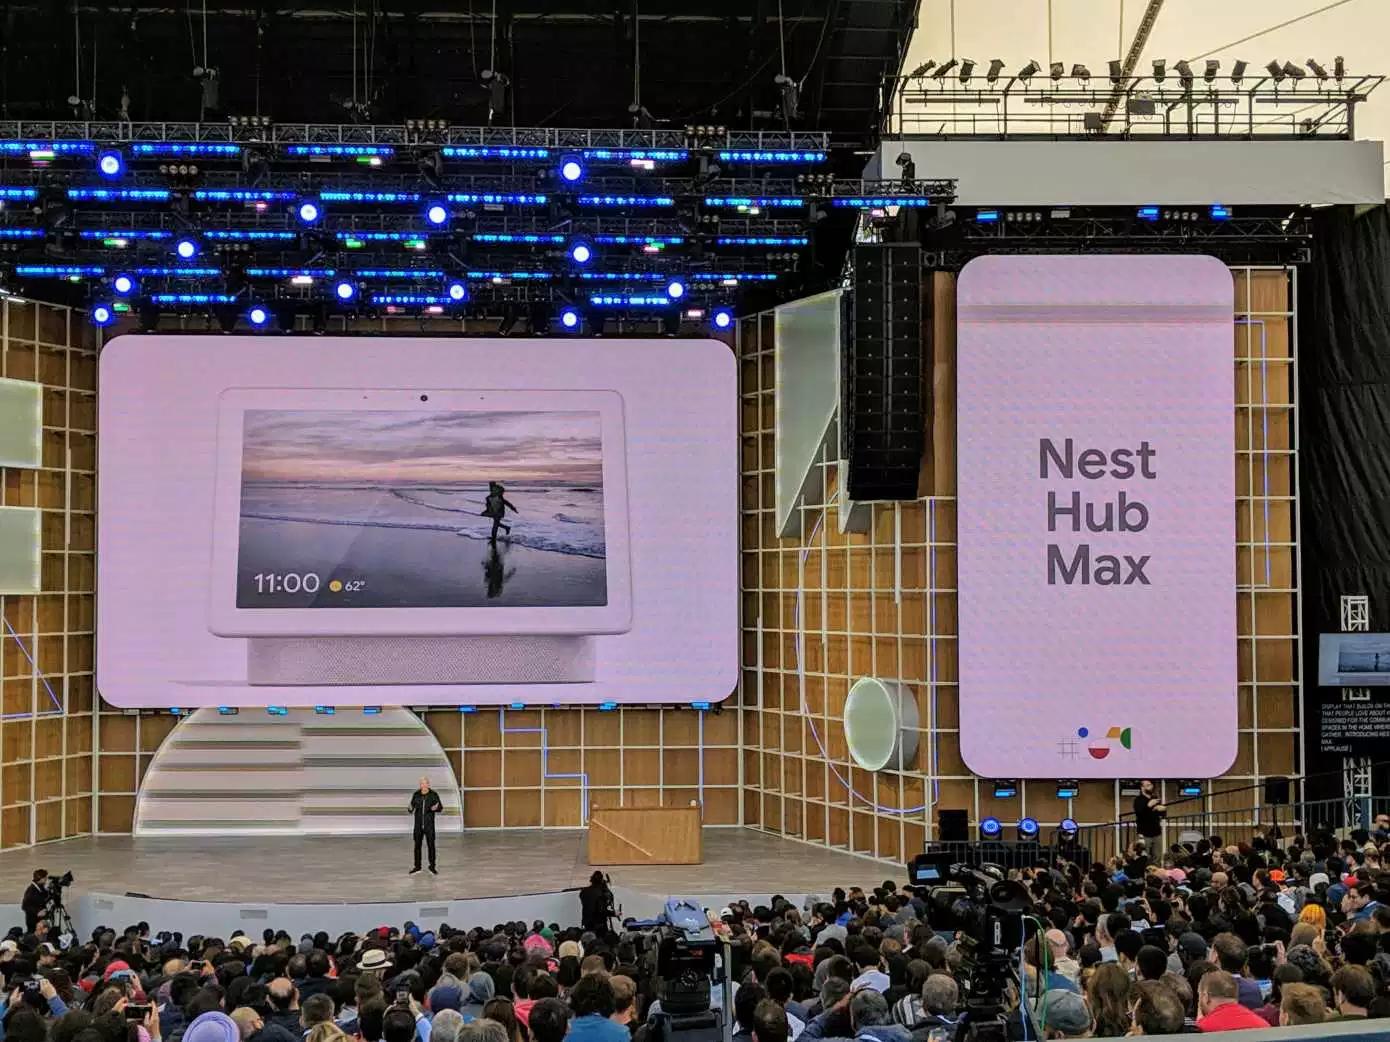 谷歌大屏幕智能音箱究竟有何黑科技,还是百度的跟风产品?